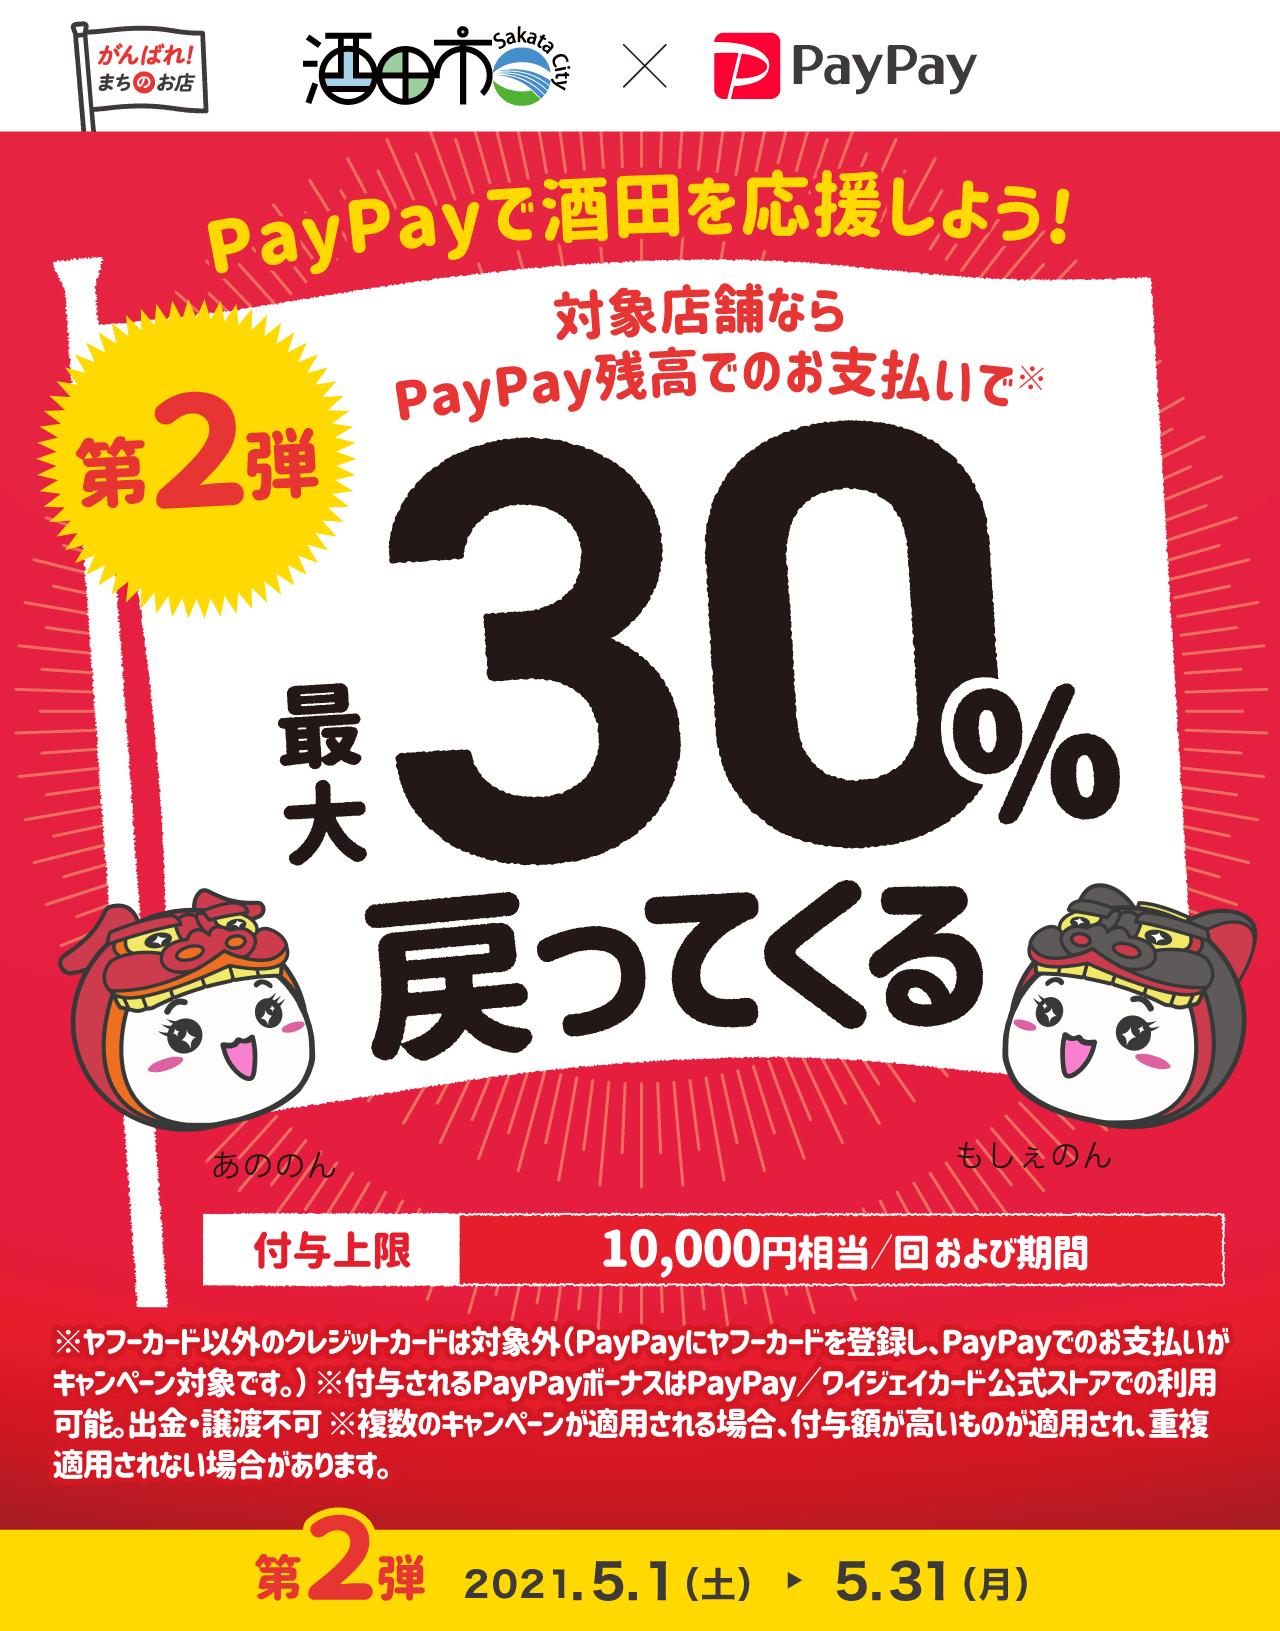 PayPayで酒田を応援しよう! 第2弾 対象店舗なら最大30%戻ってくる